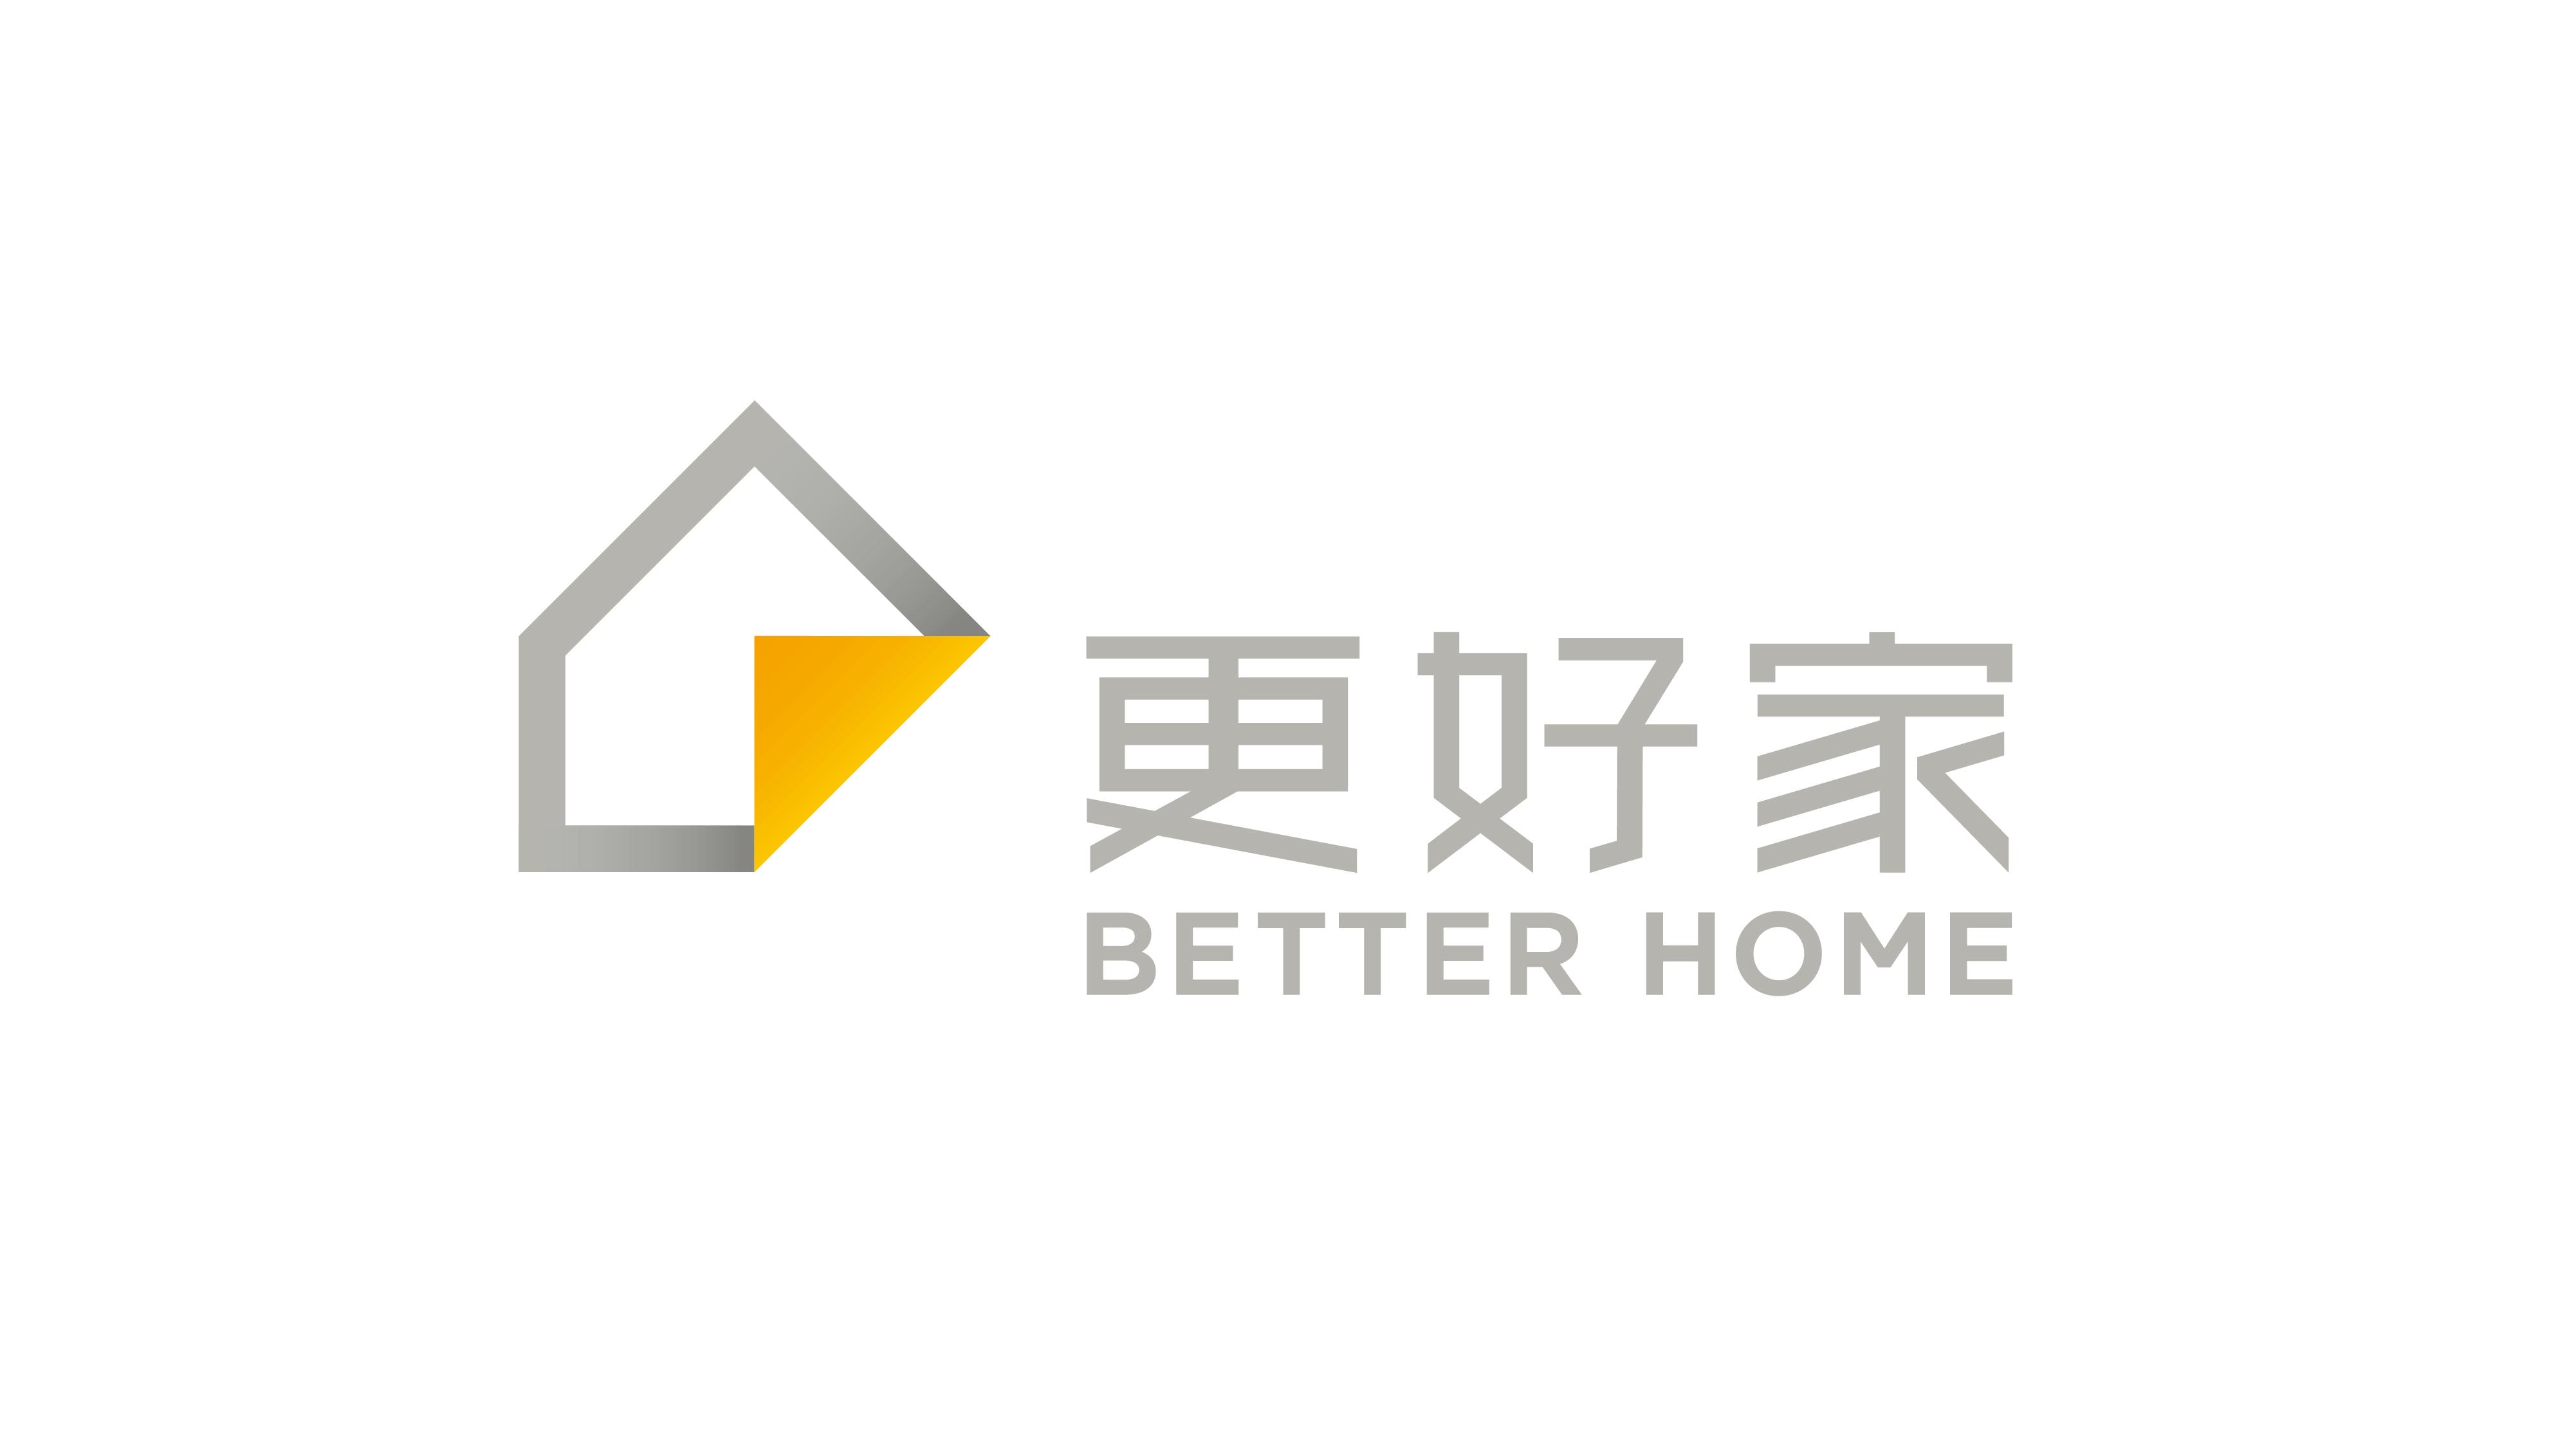 中国普通家庭选择什么样的装修风格比较合适